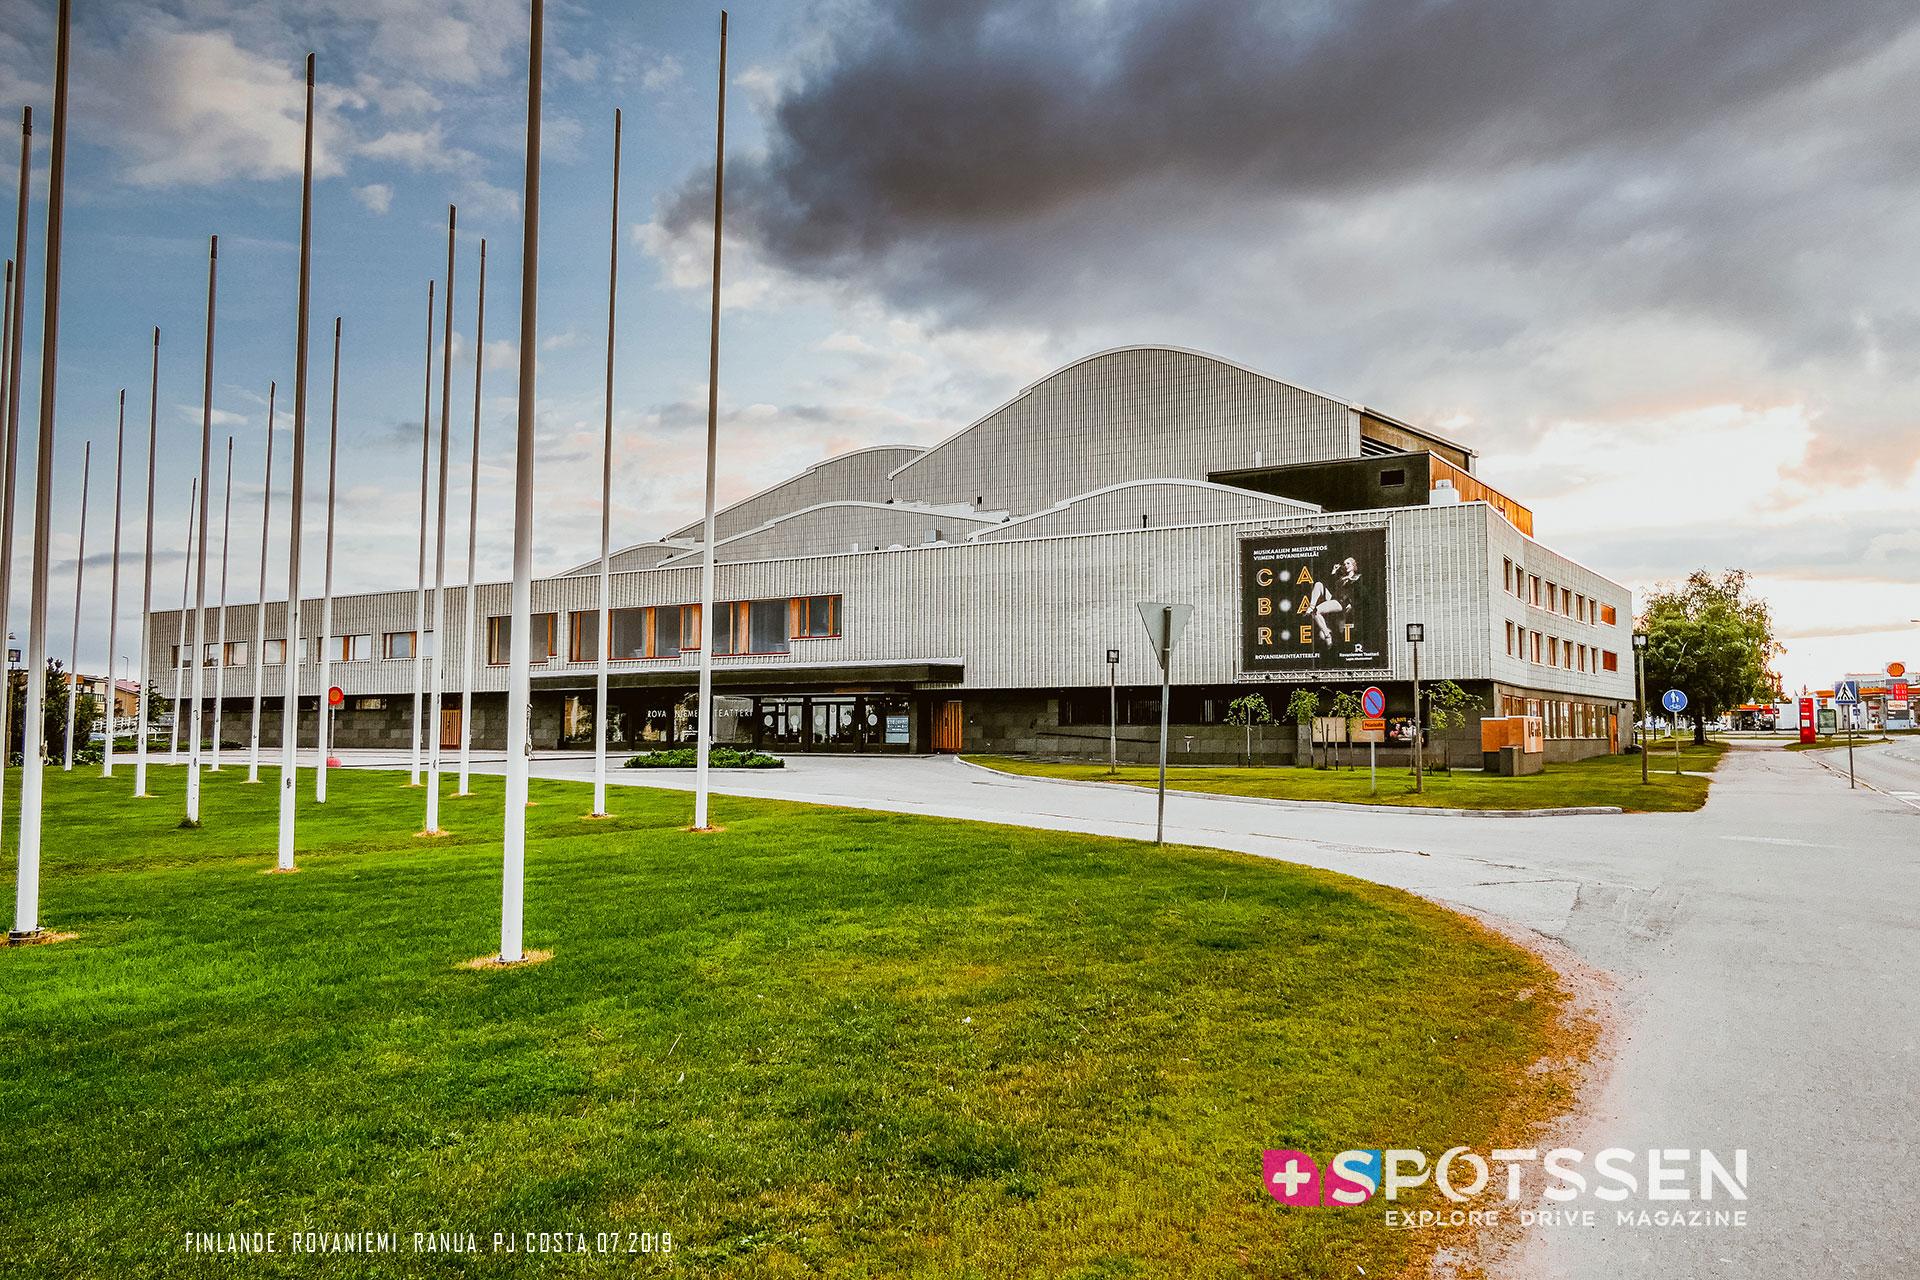 2019, rovaniemi, city hall, finlande